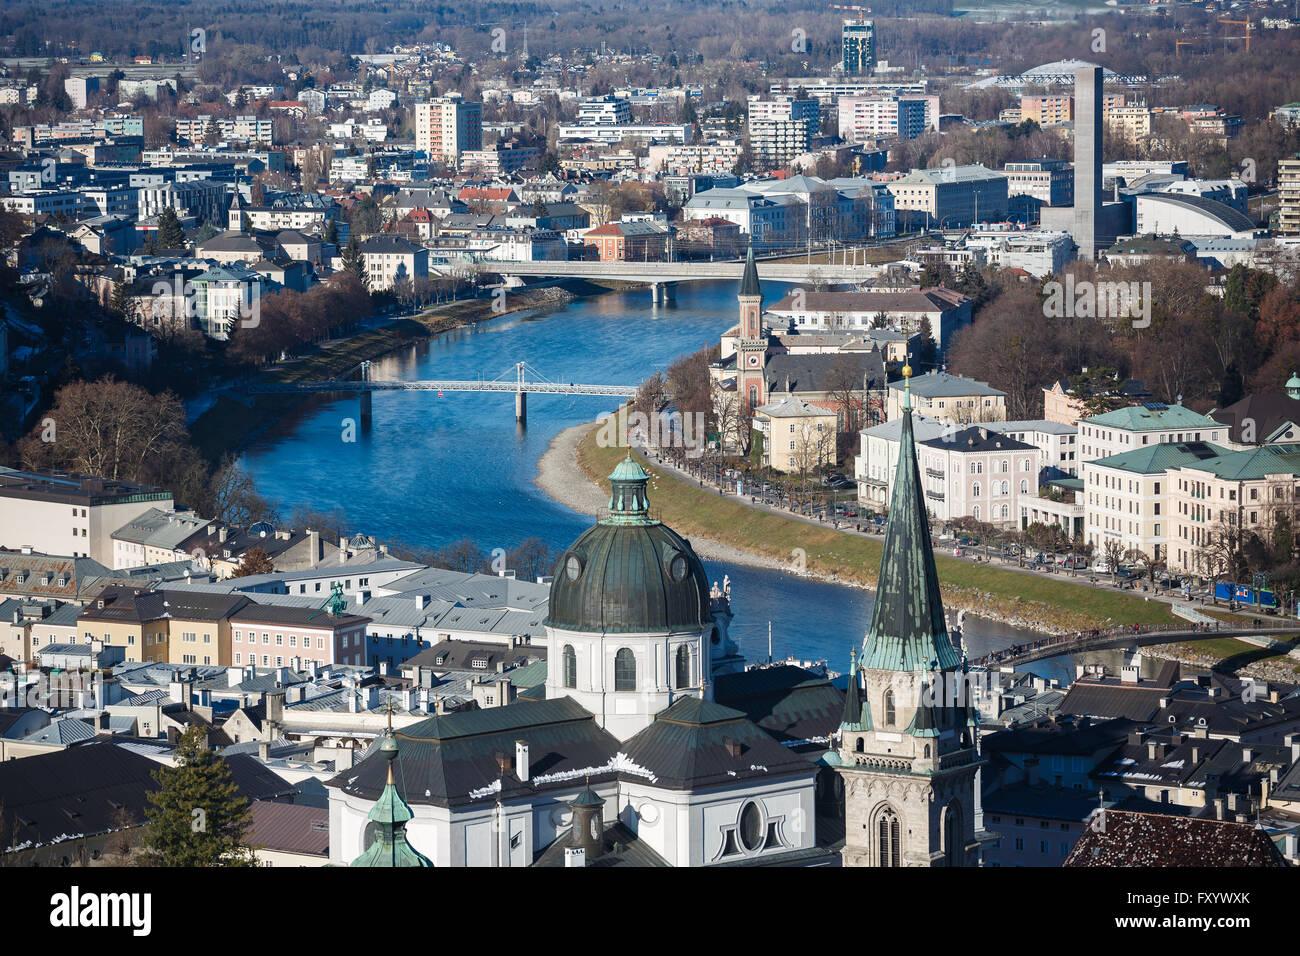 Blick auf das Stadtbild von Salzburg von oben der Festung Hohensalzburg, Österreich Stockbild